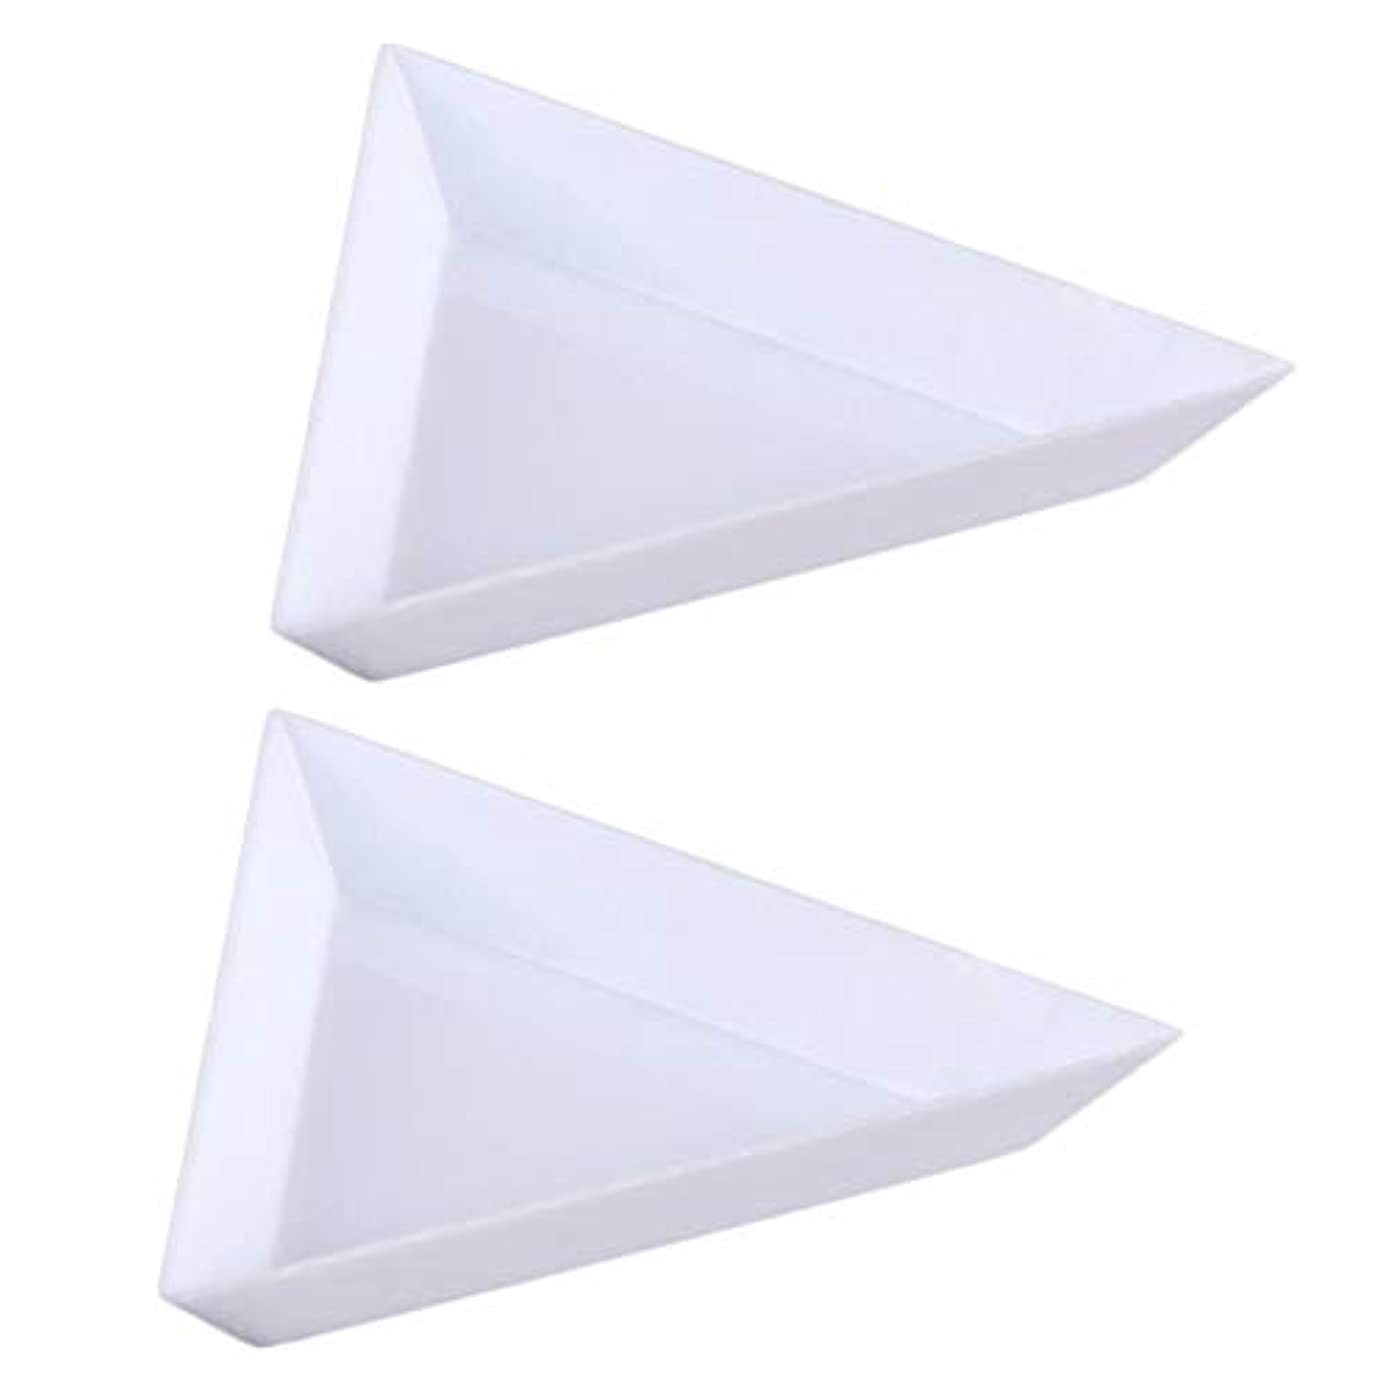 葉を拾うびっくり間違いTOOGOO 10個三角コーナープラスチックラインストーンビーズ 結晶 ネイルアートソーティングトレイアクセサリー白 DiyネイルアートデコレーションDotting収納トレイ オーガニゼーションに最適